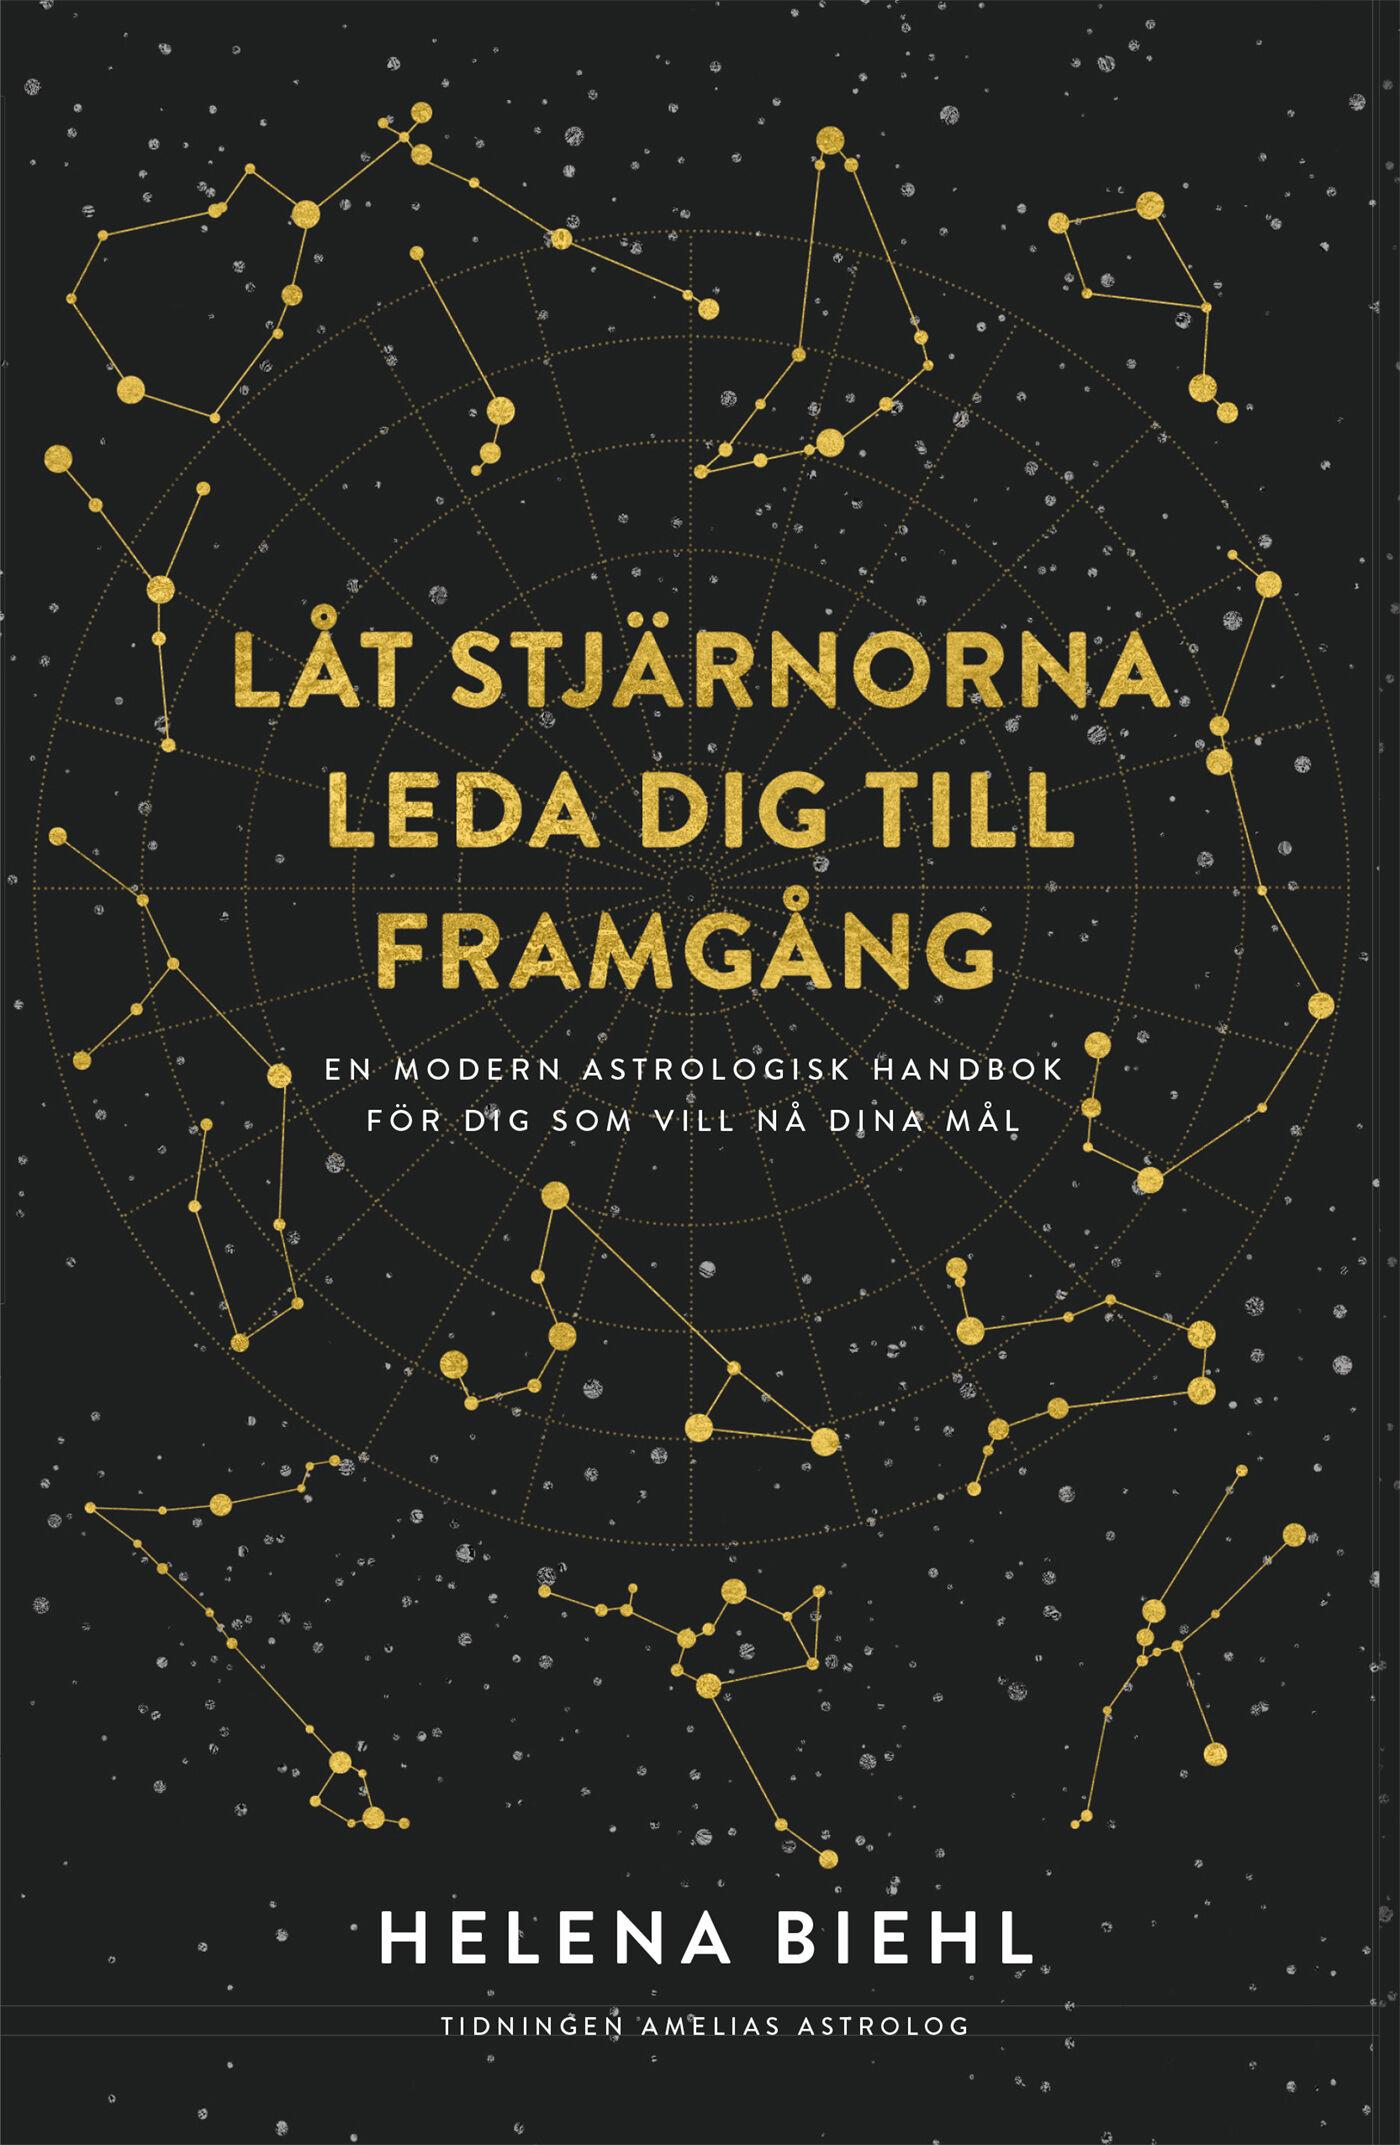 SE Stjärnorna-som-framgångskarta.indd